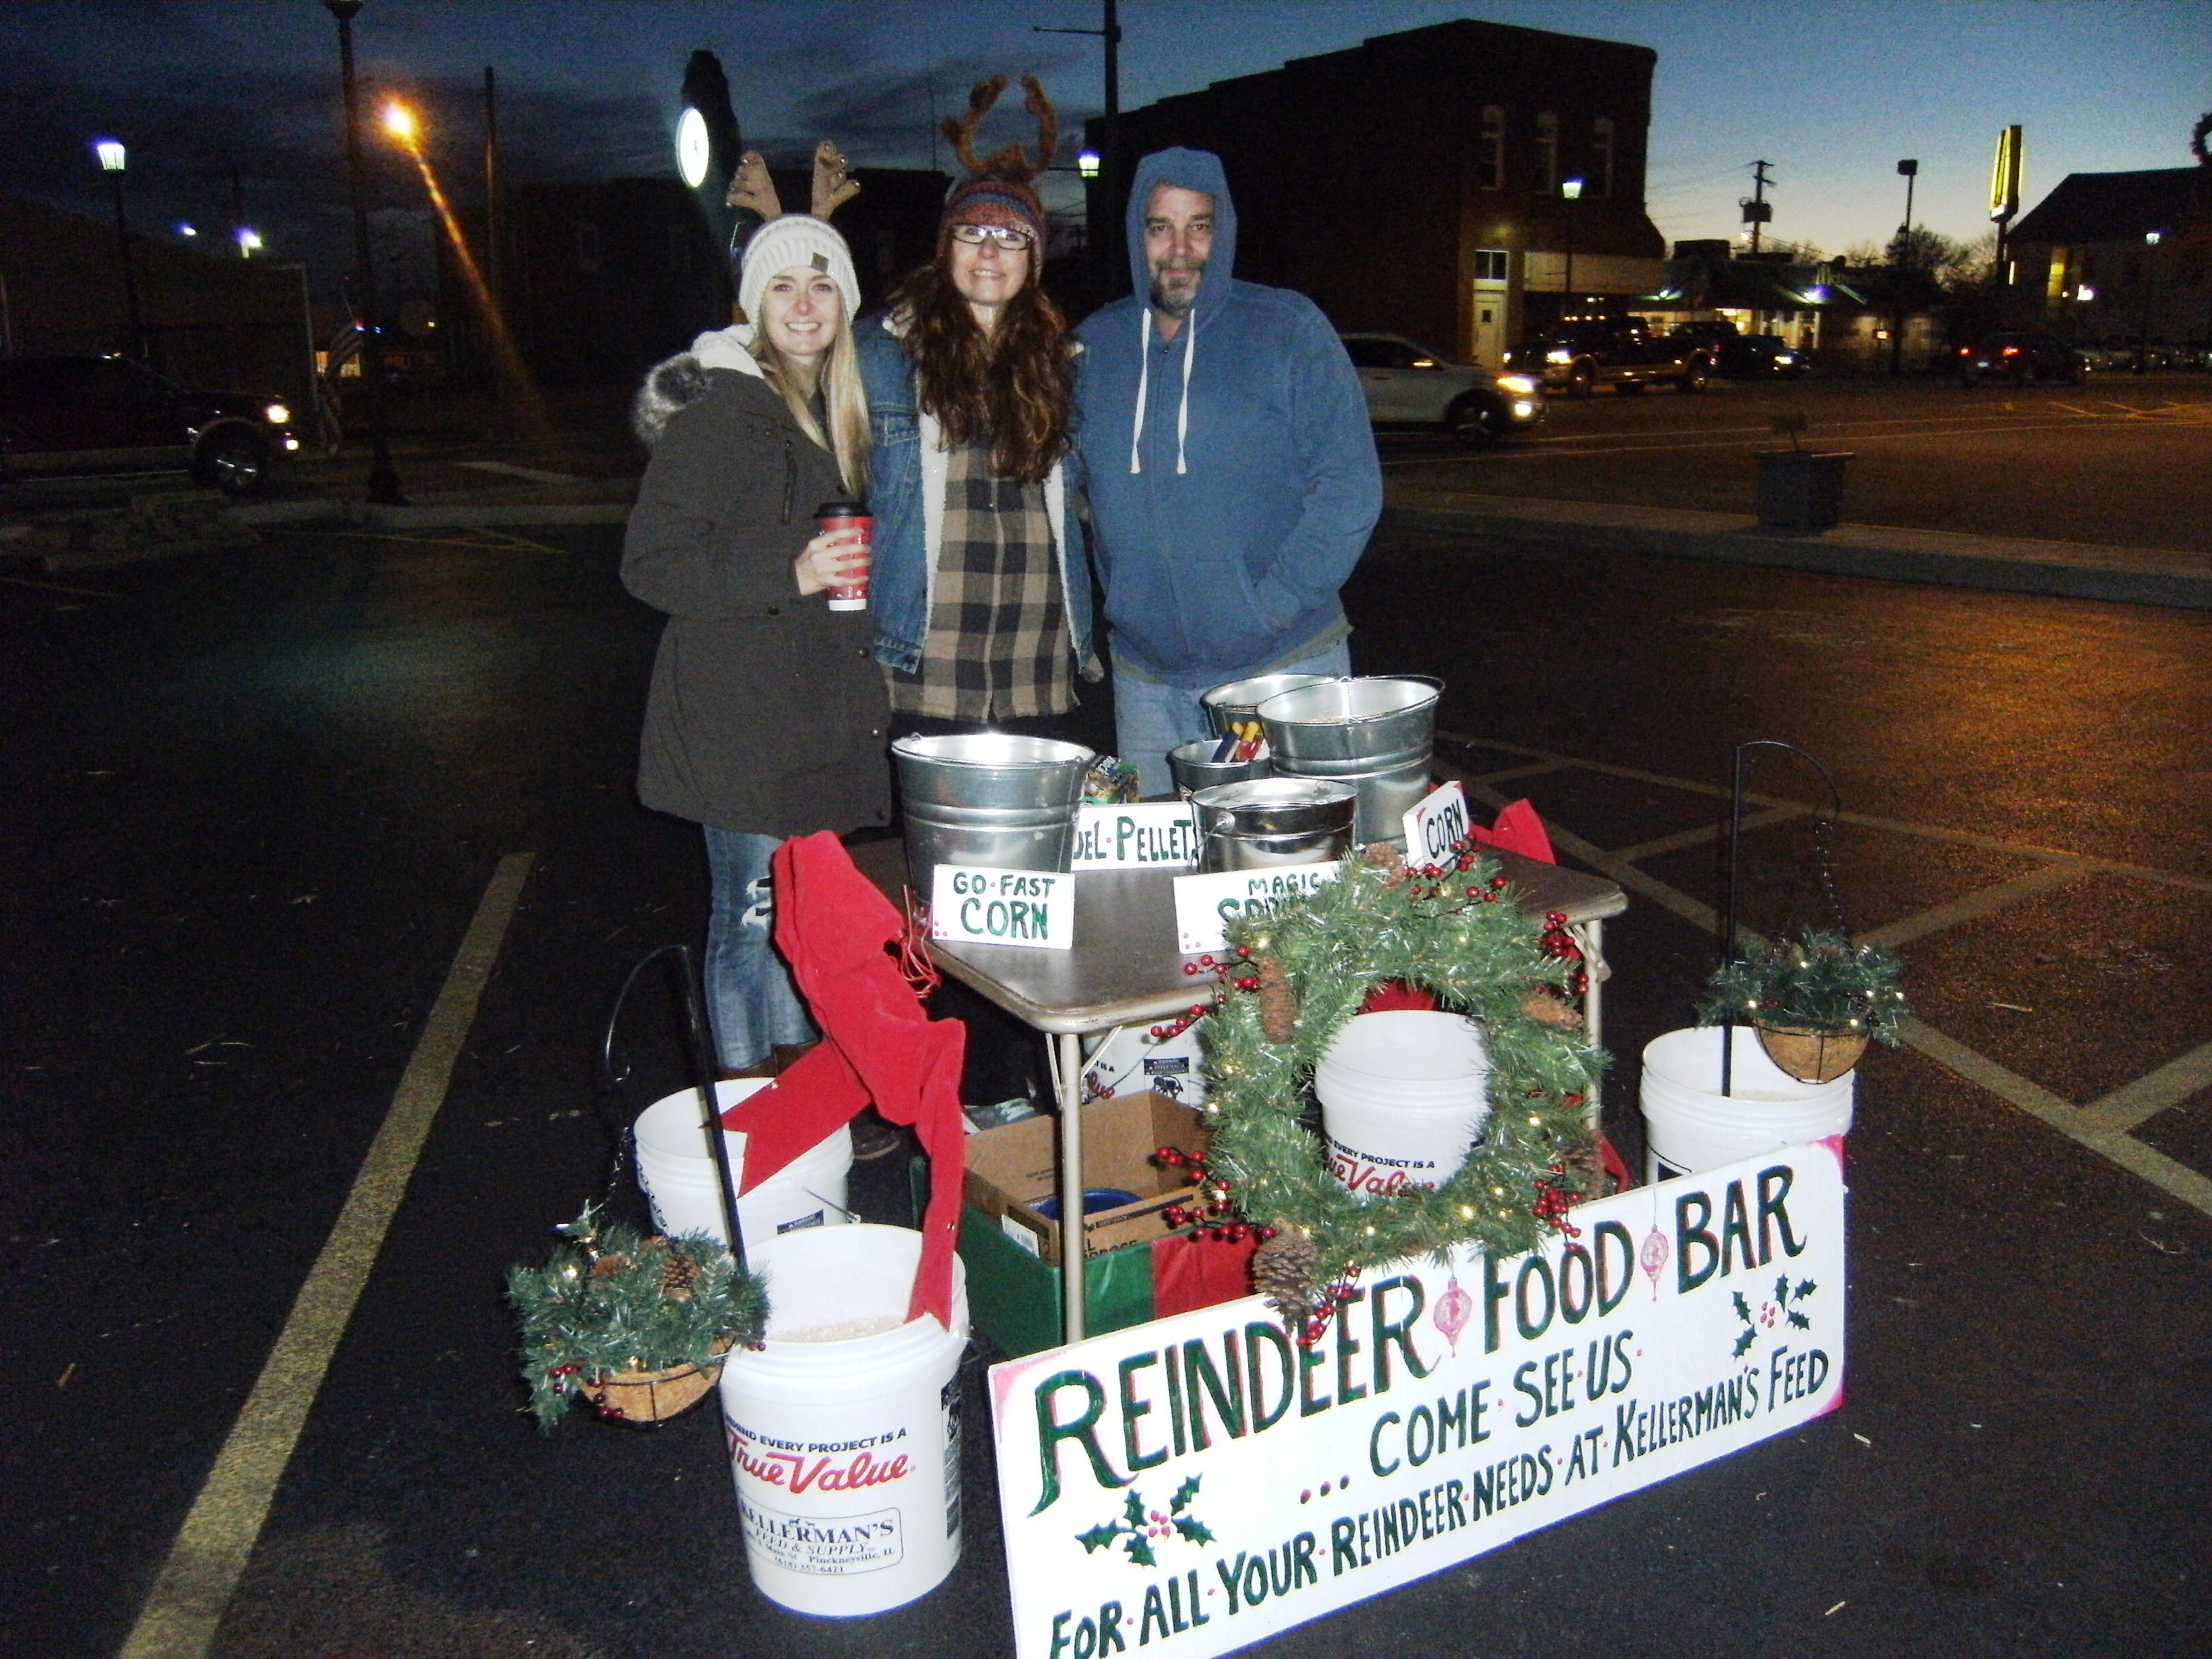 Kellerman's Feed Store employees with their Reindeer Food Bar